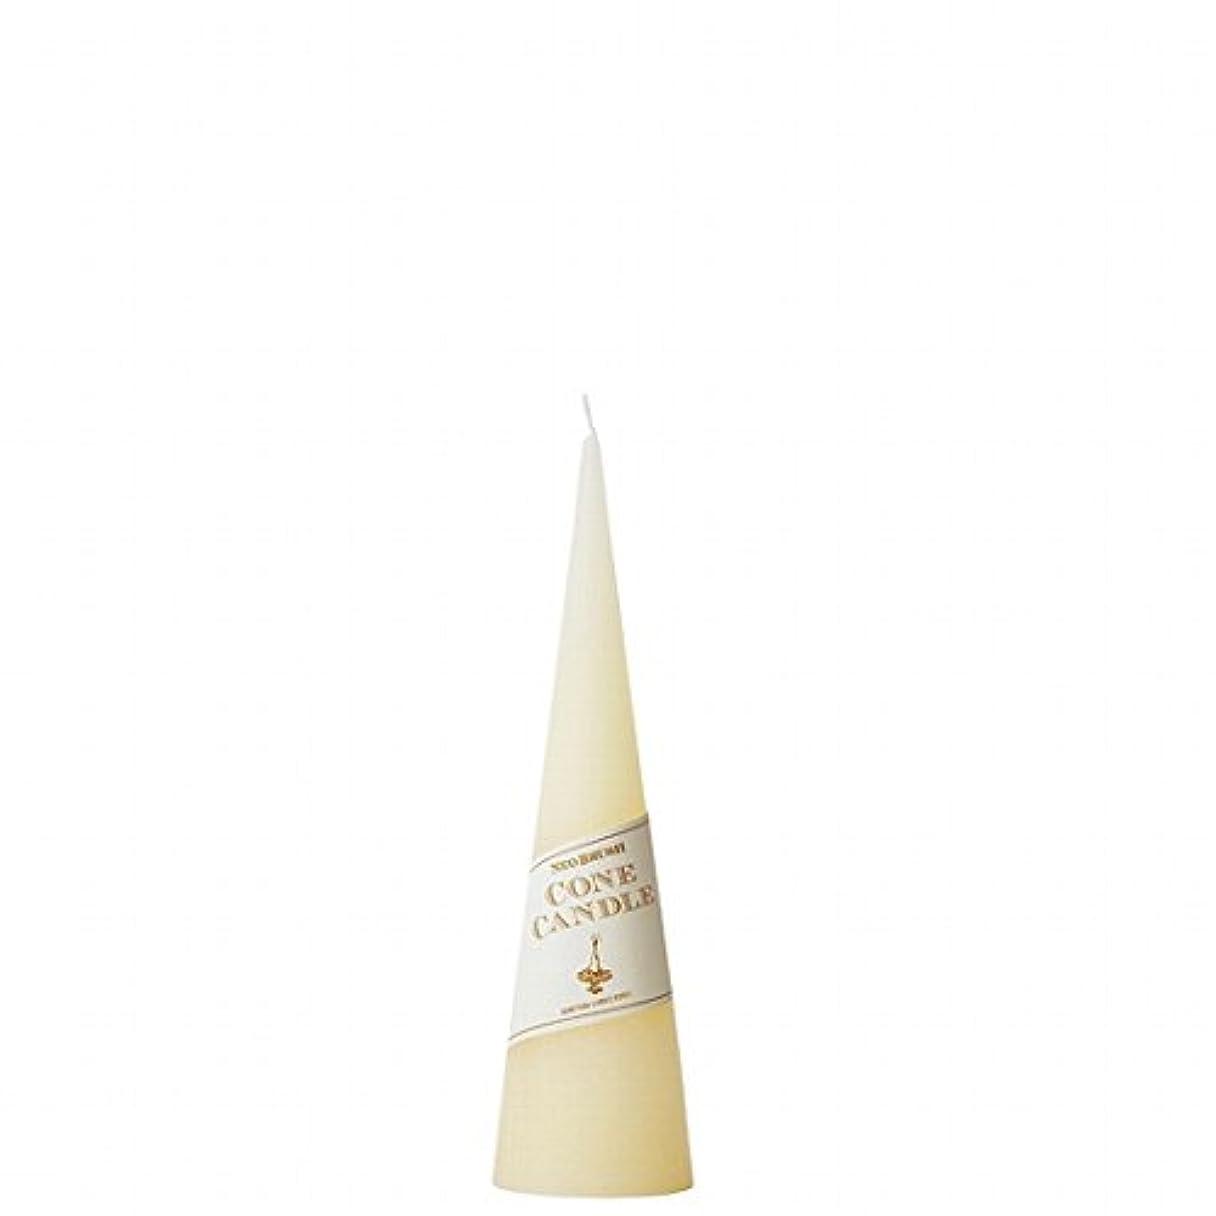 取り替える正当な雪だるまkameyama candle(カメヤマキャンドル) ネオブラッシュコーン 180 キャンドル 「 アイボリー 」(A9750010IV)